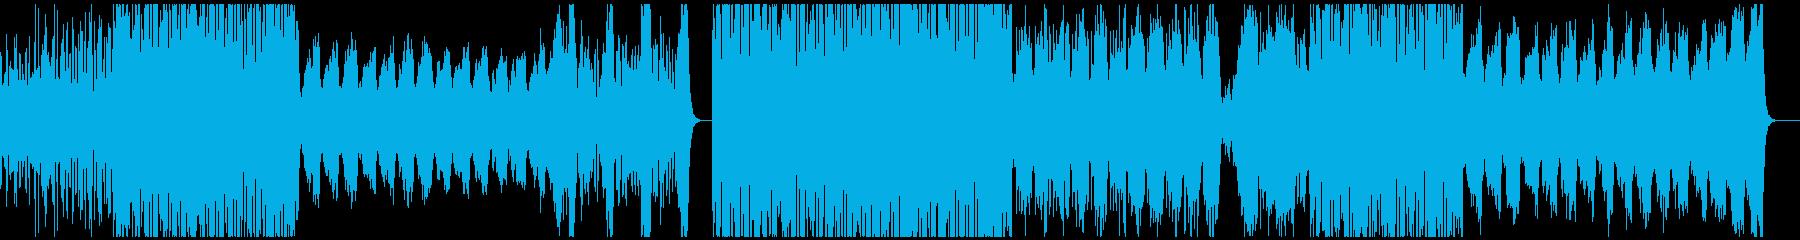 明るい弦楽四重奏の再生済みの波形